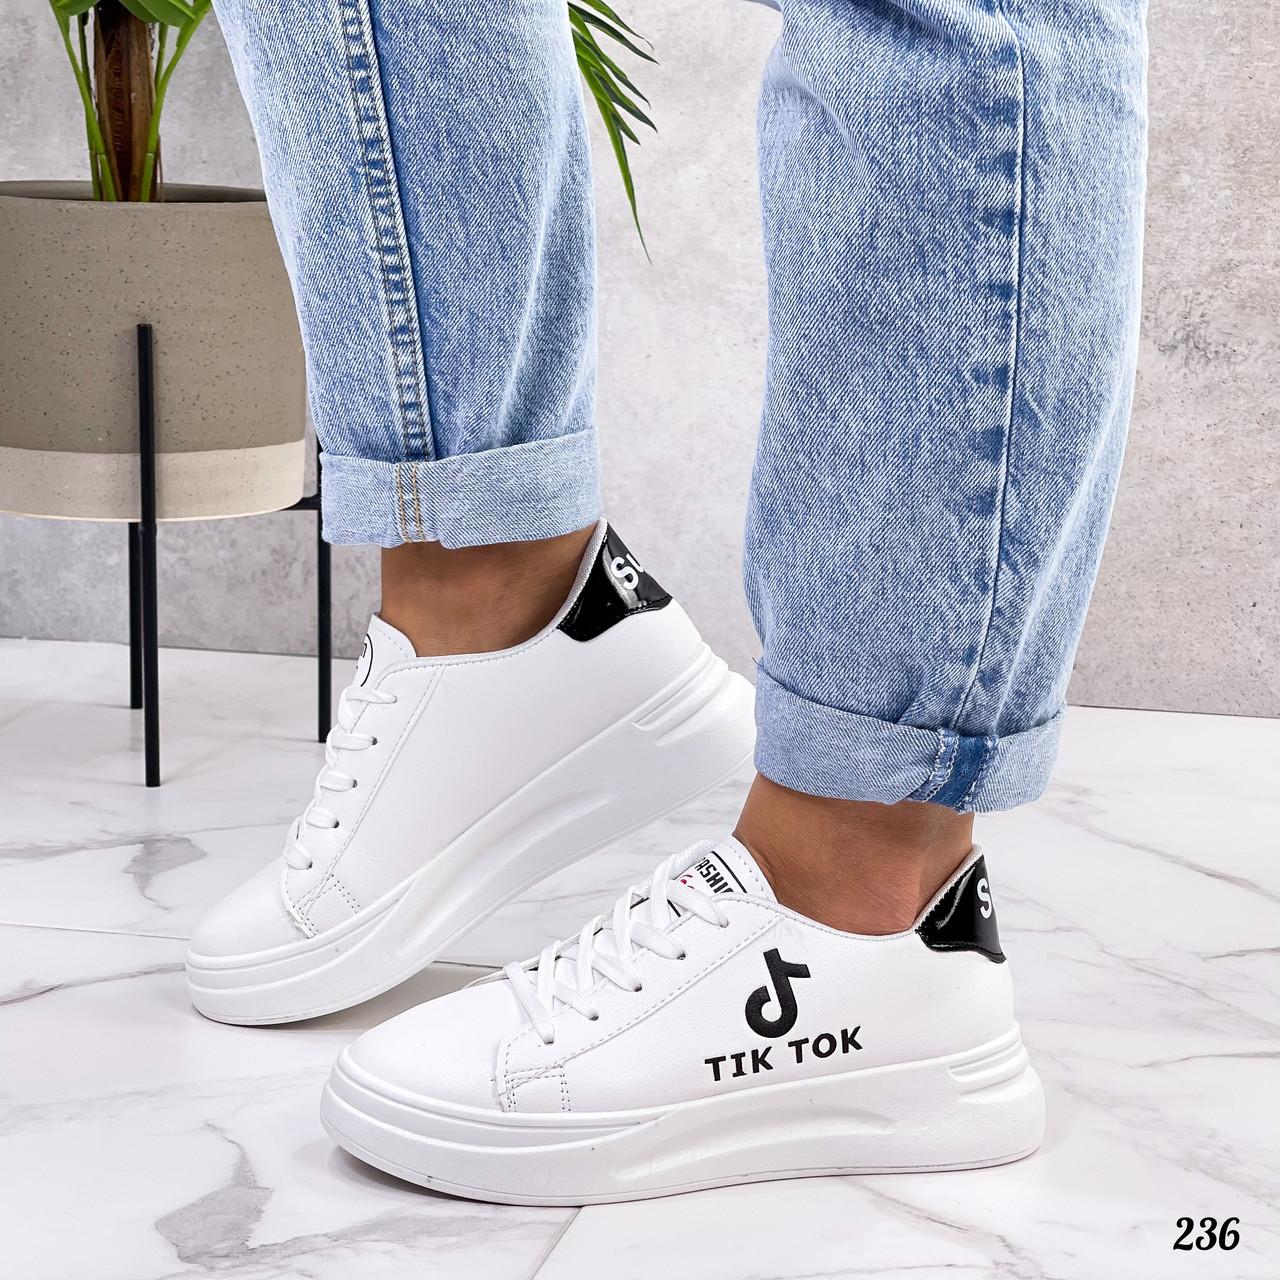 ТІЛЬКИ 25 см! Жіночі кросівки білі Tik Tok еко-шкіра весна / літо/ осінь